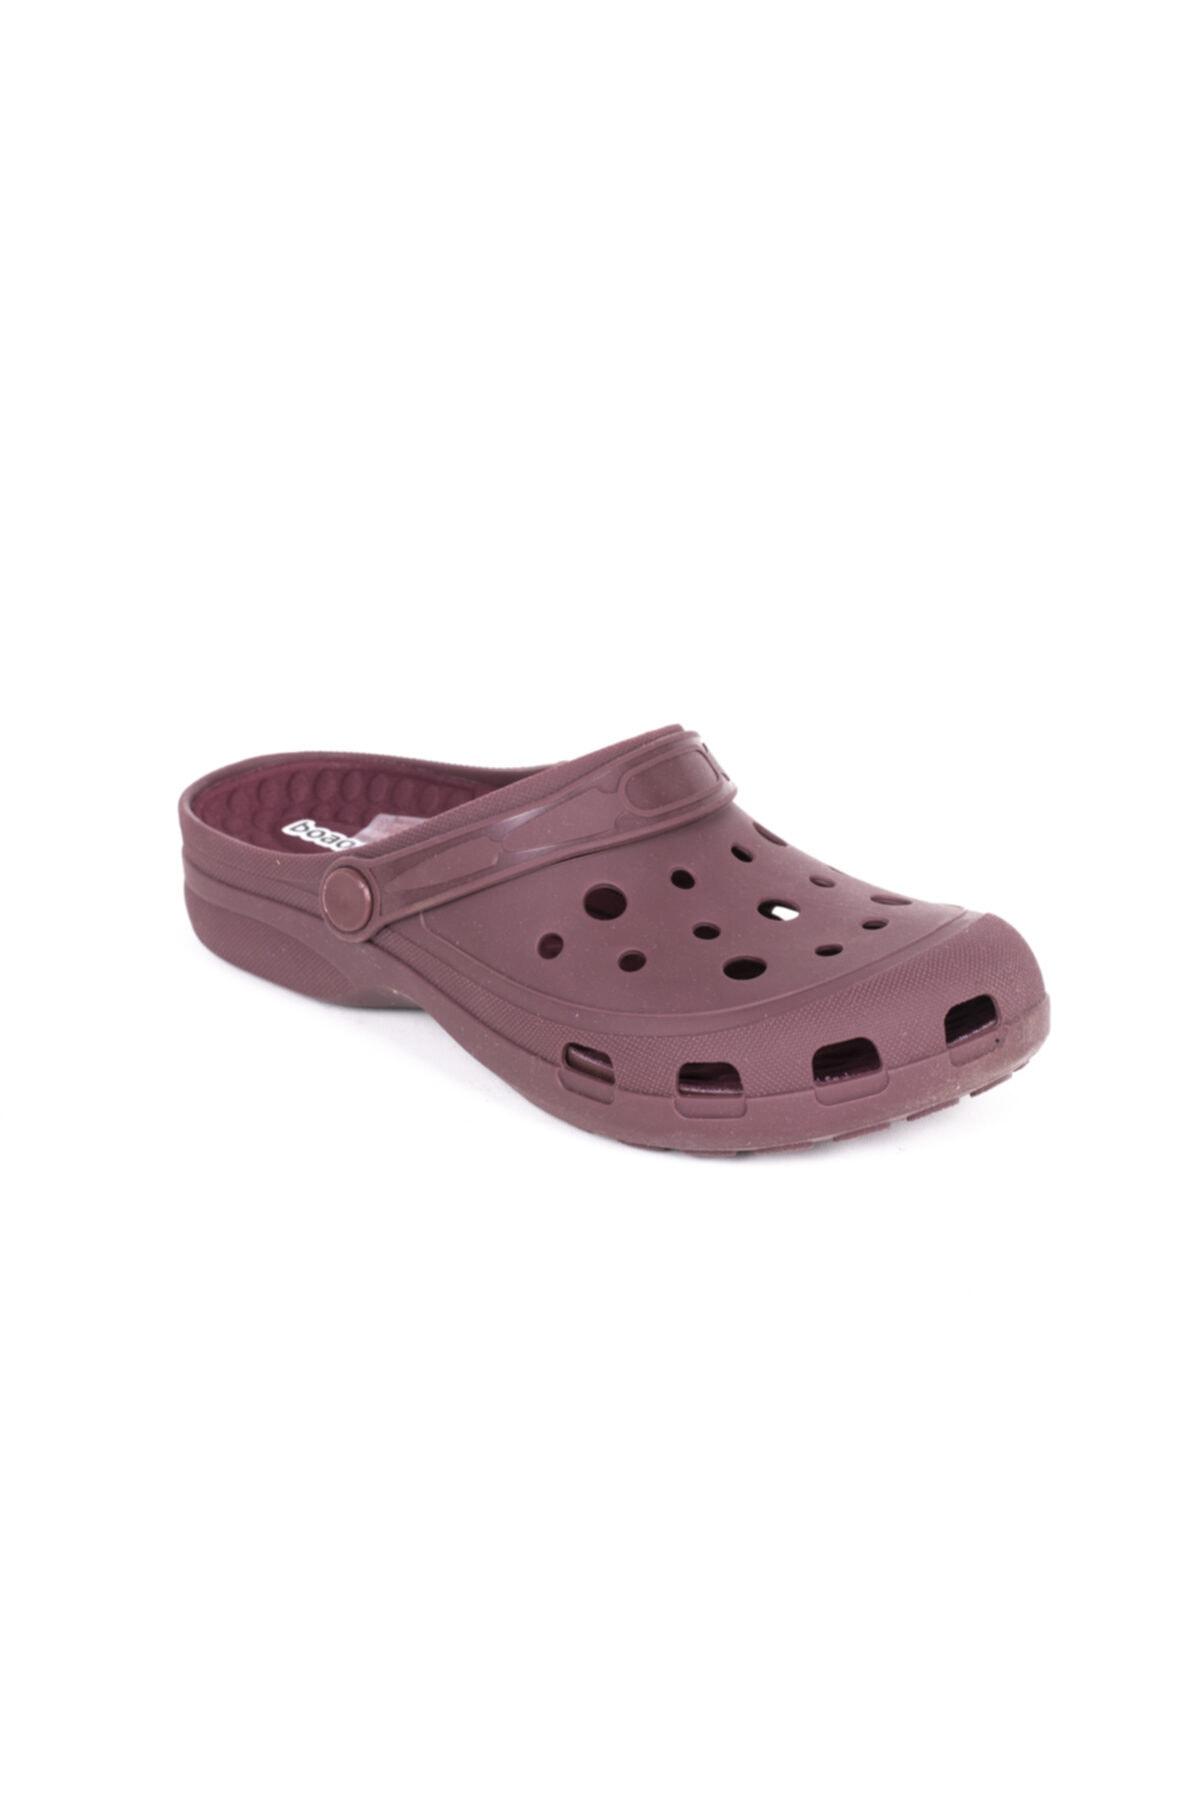 IGOR Boaonda Fantasy Sandalet 1402-100 1